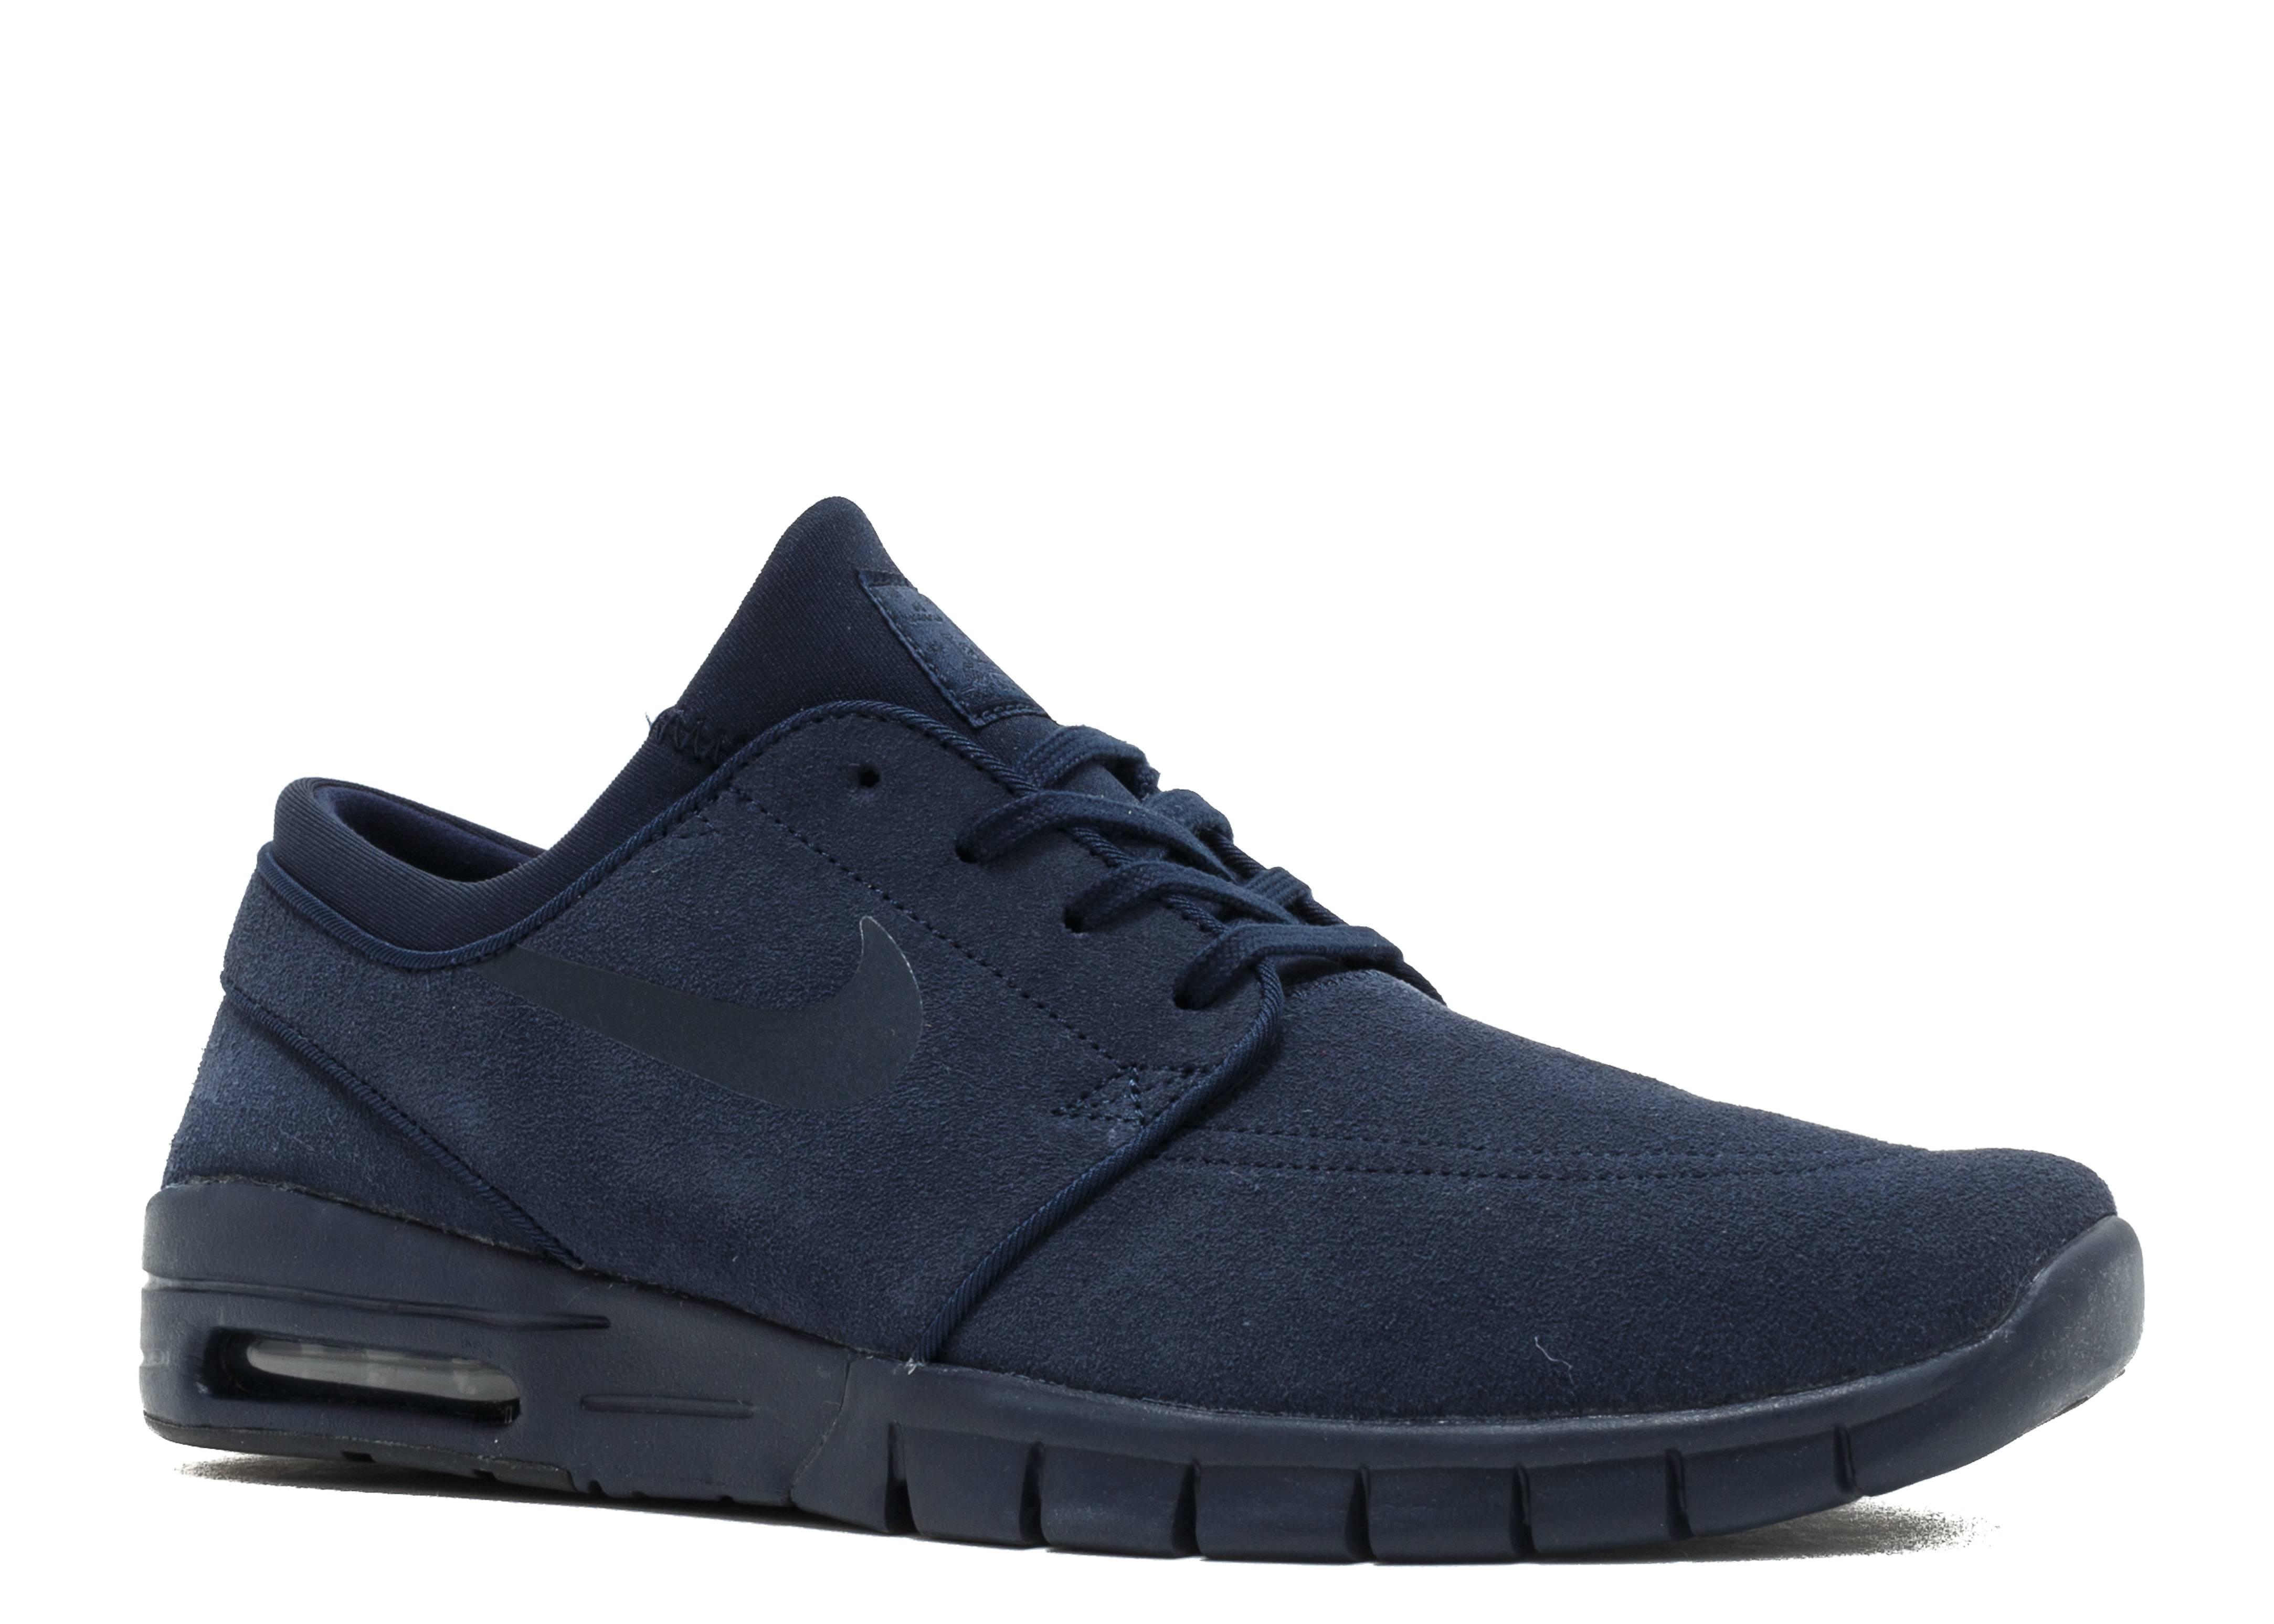 hot sale online bfd37 8f929 Nike Stefan Janoski Max L - Nike - 685299 440 - obsidian dark obsidian    Flight Club